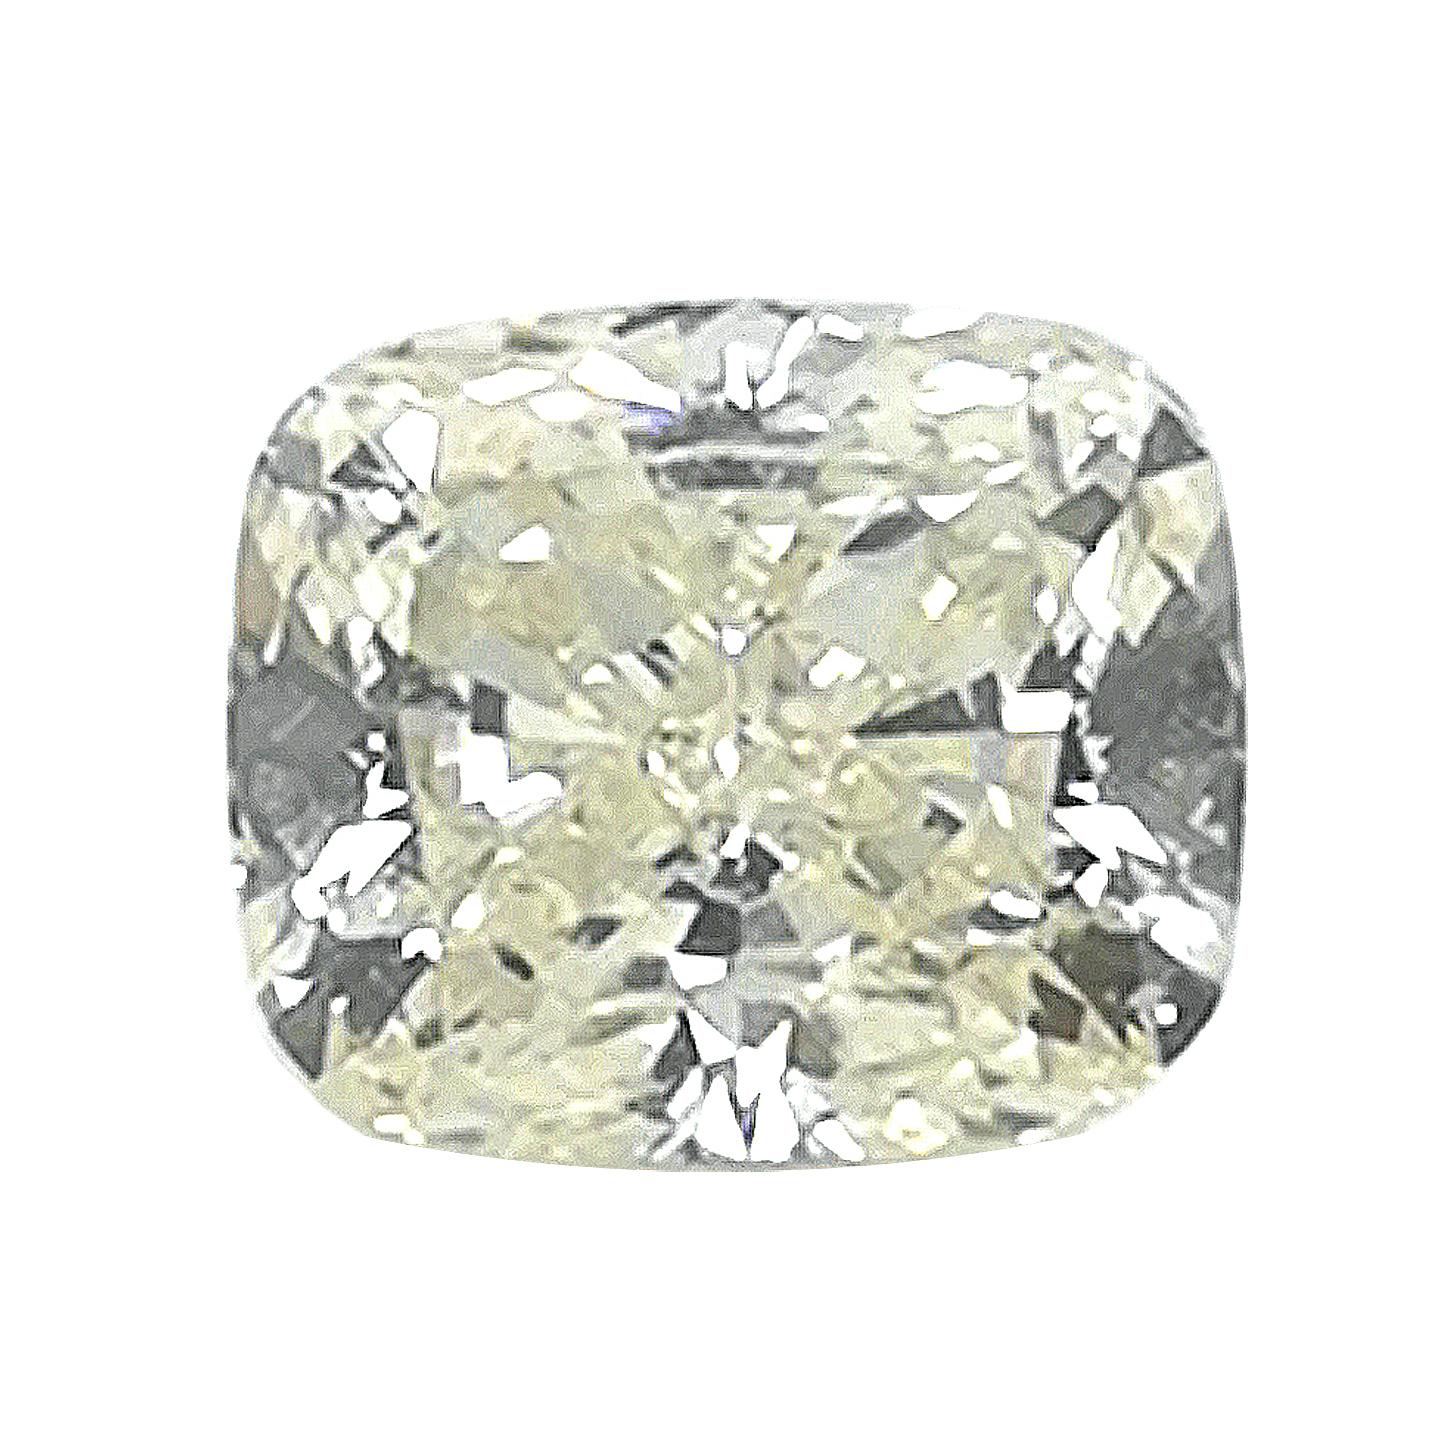 Diamant im Kissenschliff, 1,21 ct, inkl. DPL-Expertise – Sammler Edelstein